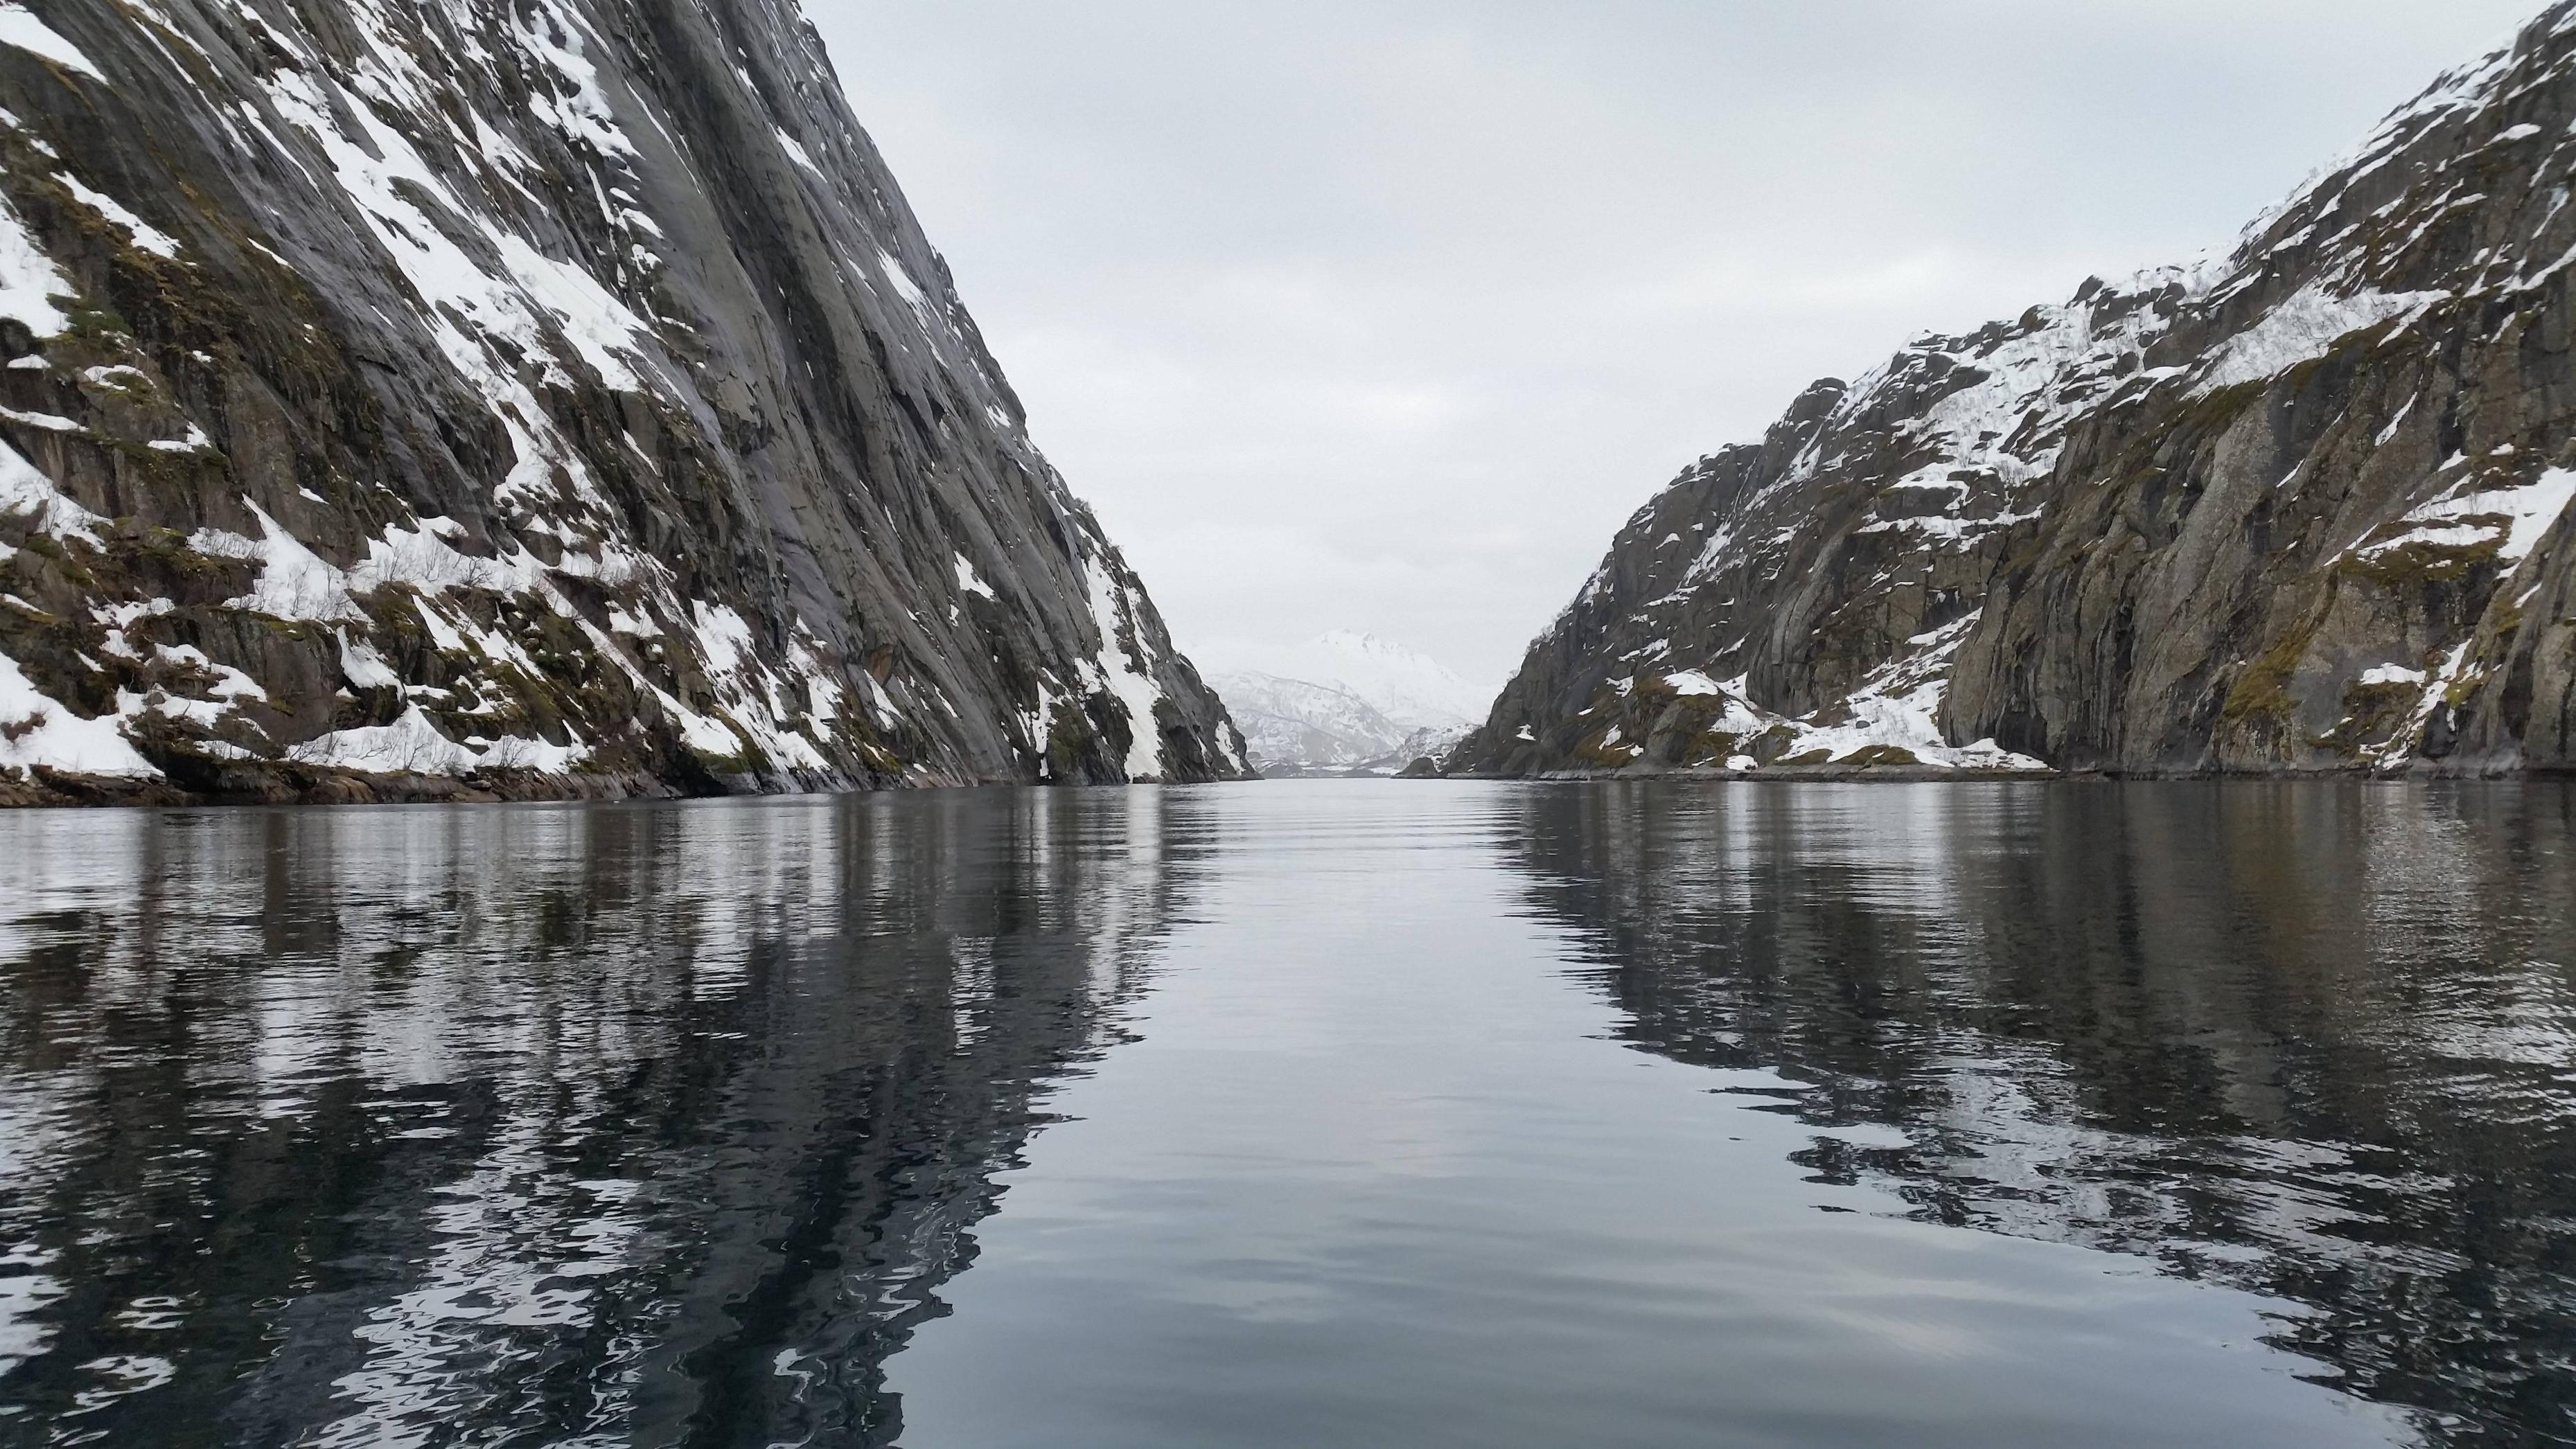 My fishing spot in Lofoten